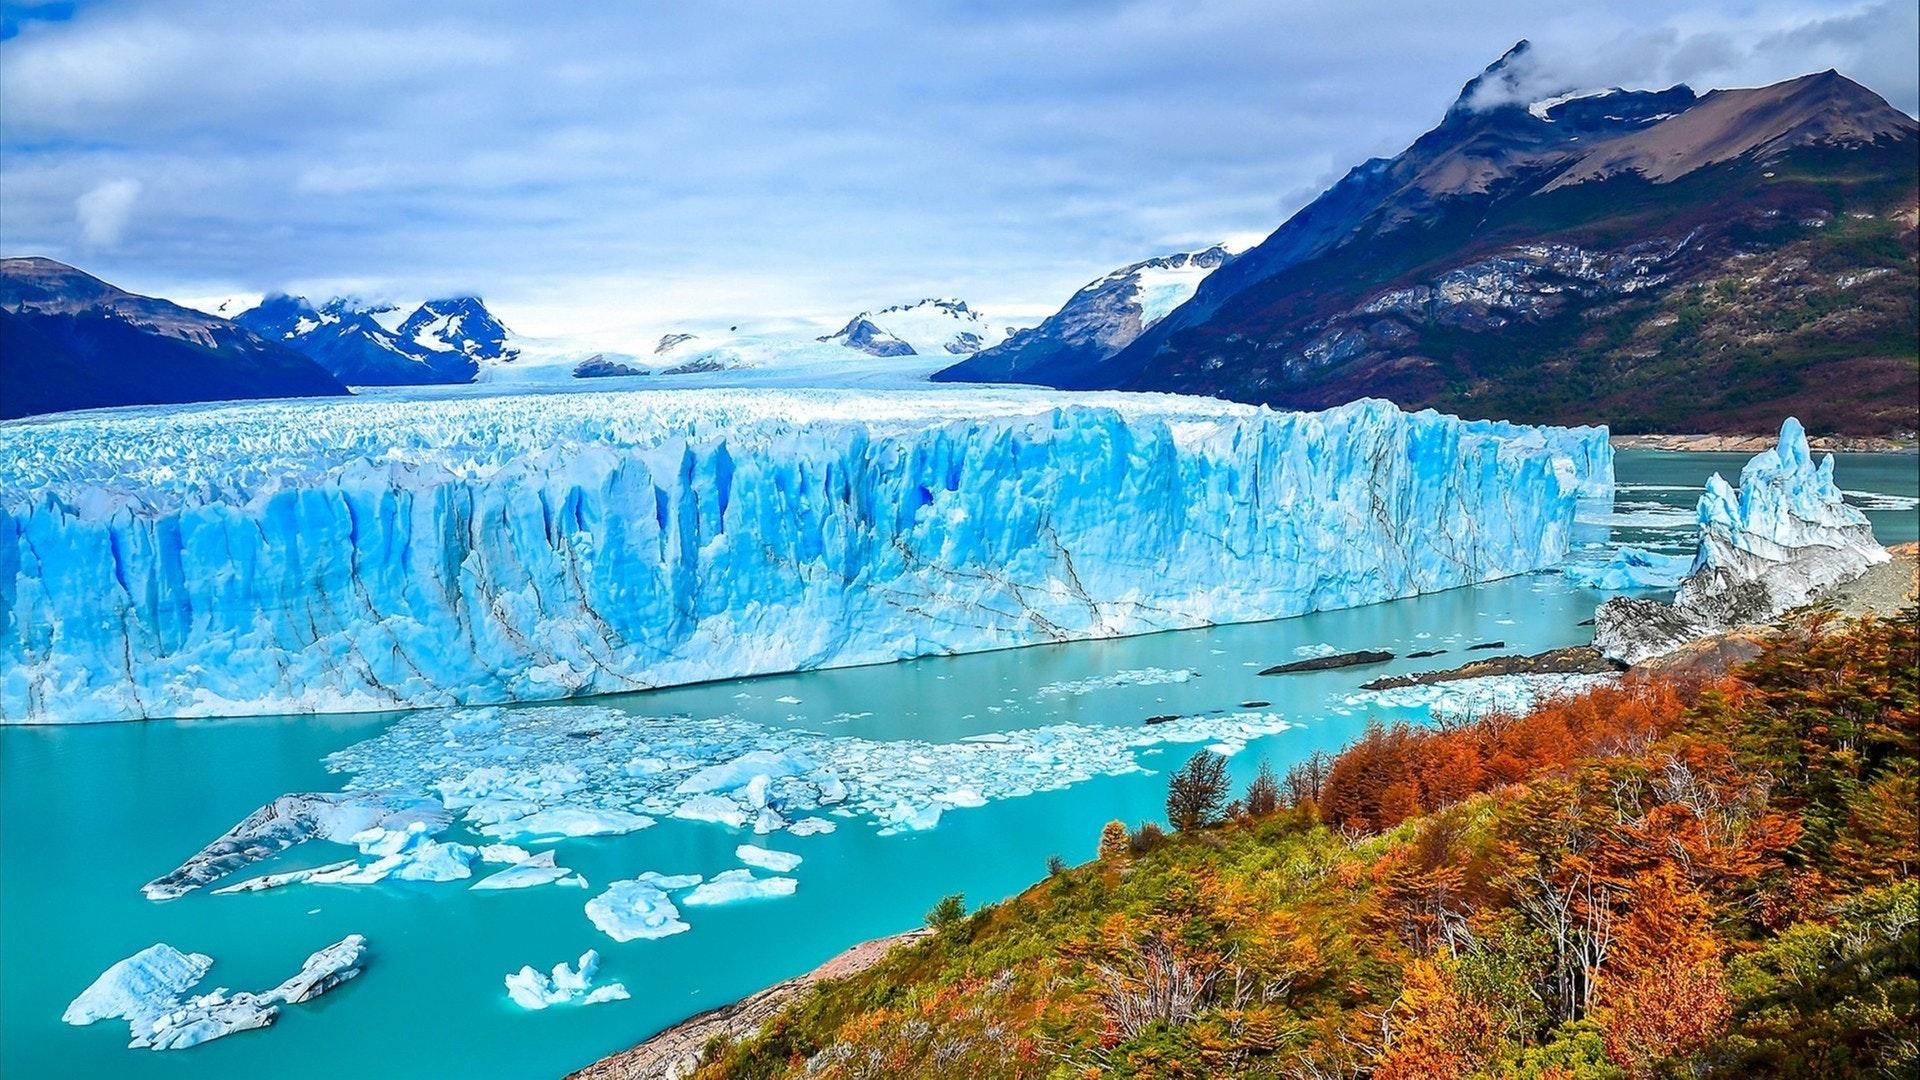 Perito Moreno glacier panoramic landscape in Patagonia